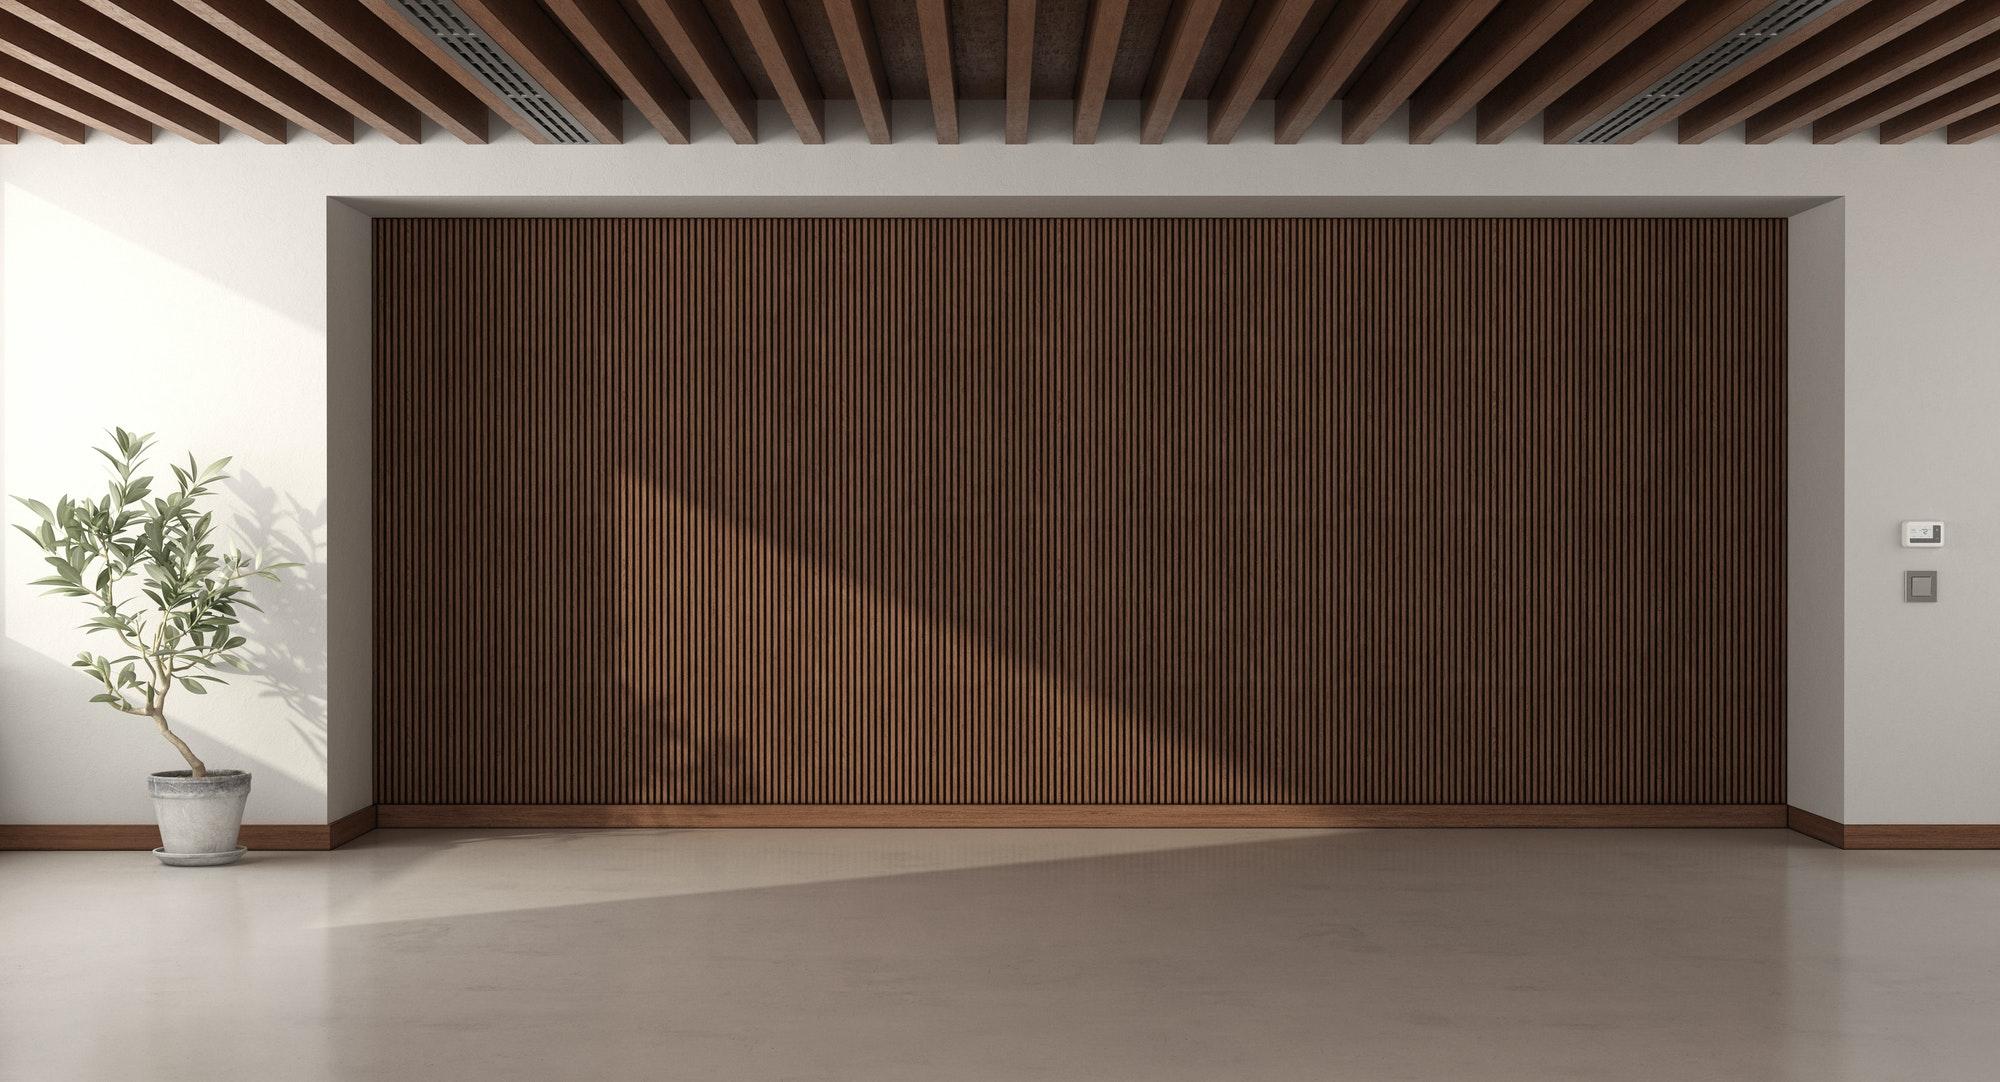 Techos con Vigas de Poliuretano Empty room with wooden paneling and roof beams